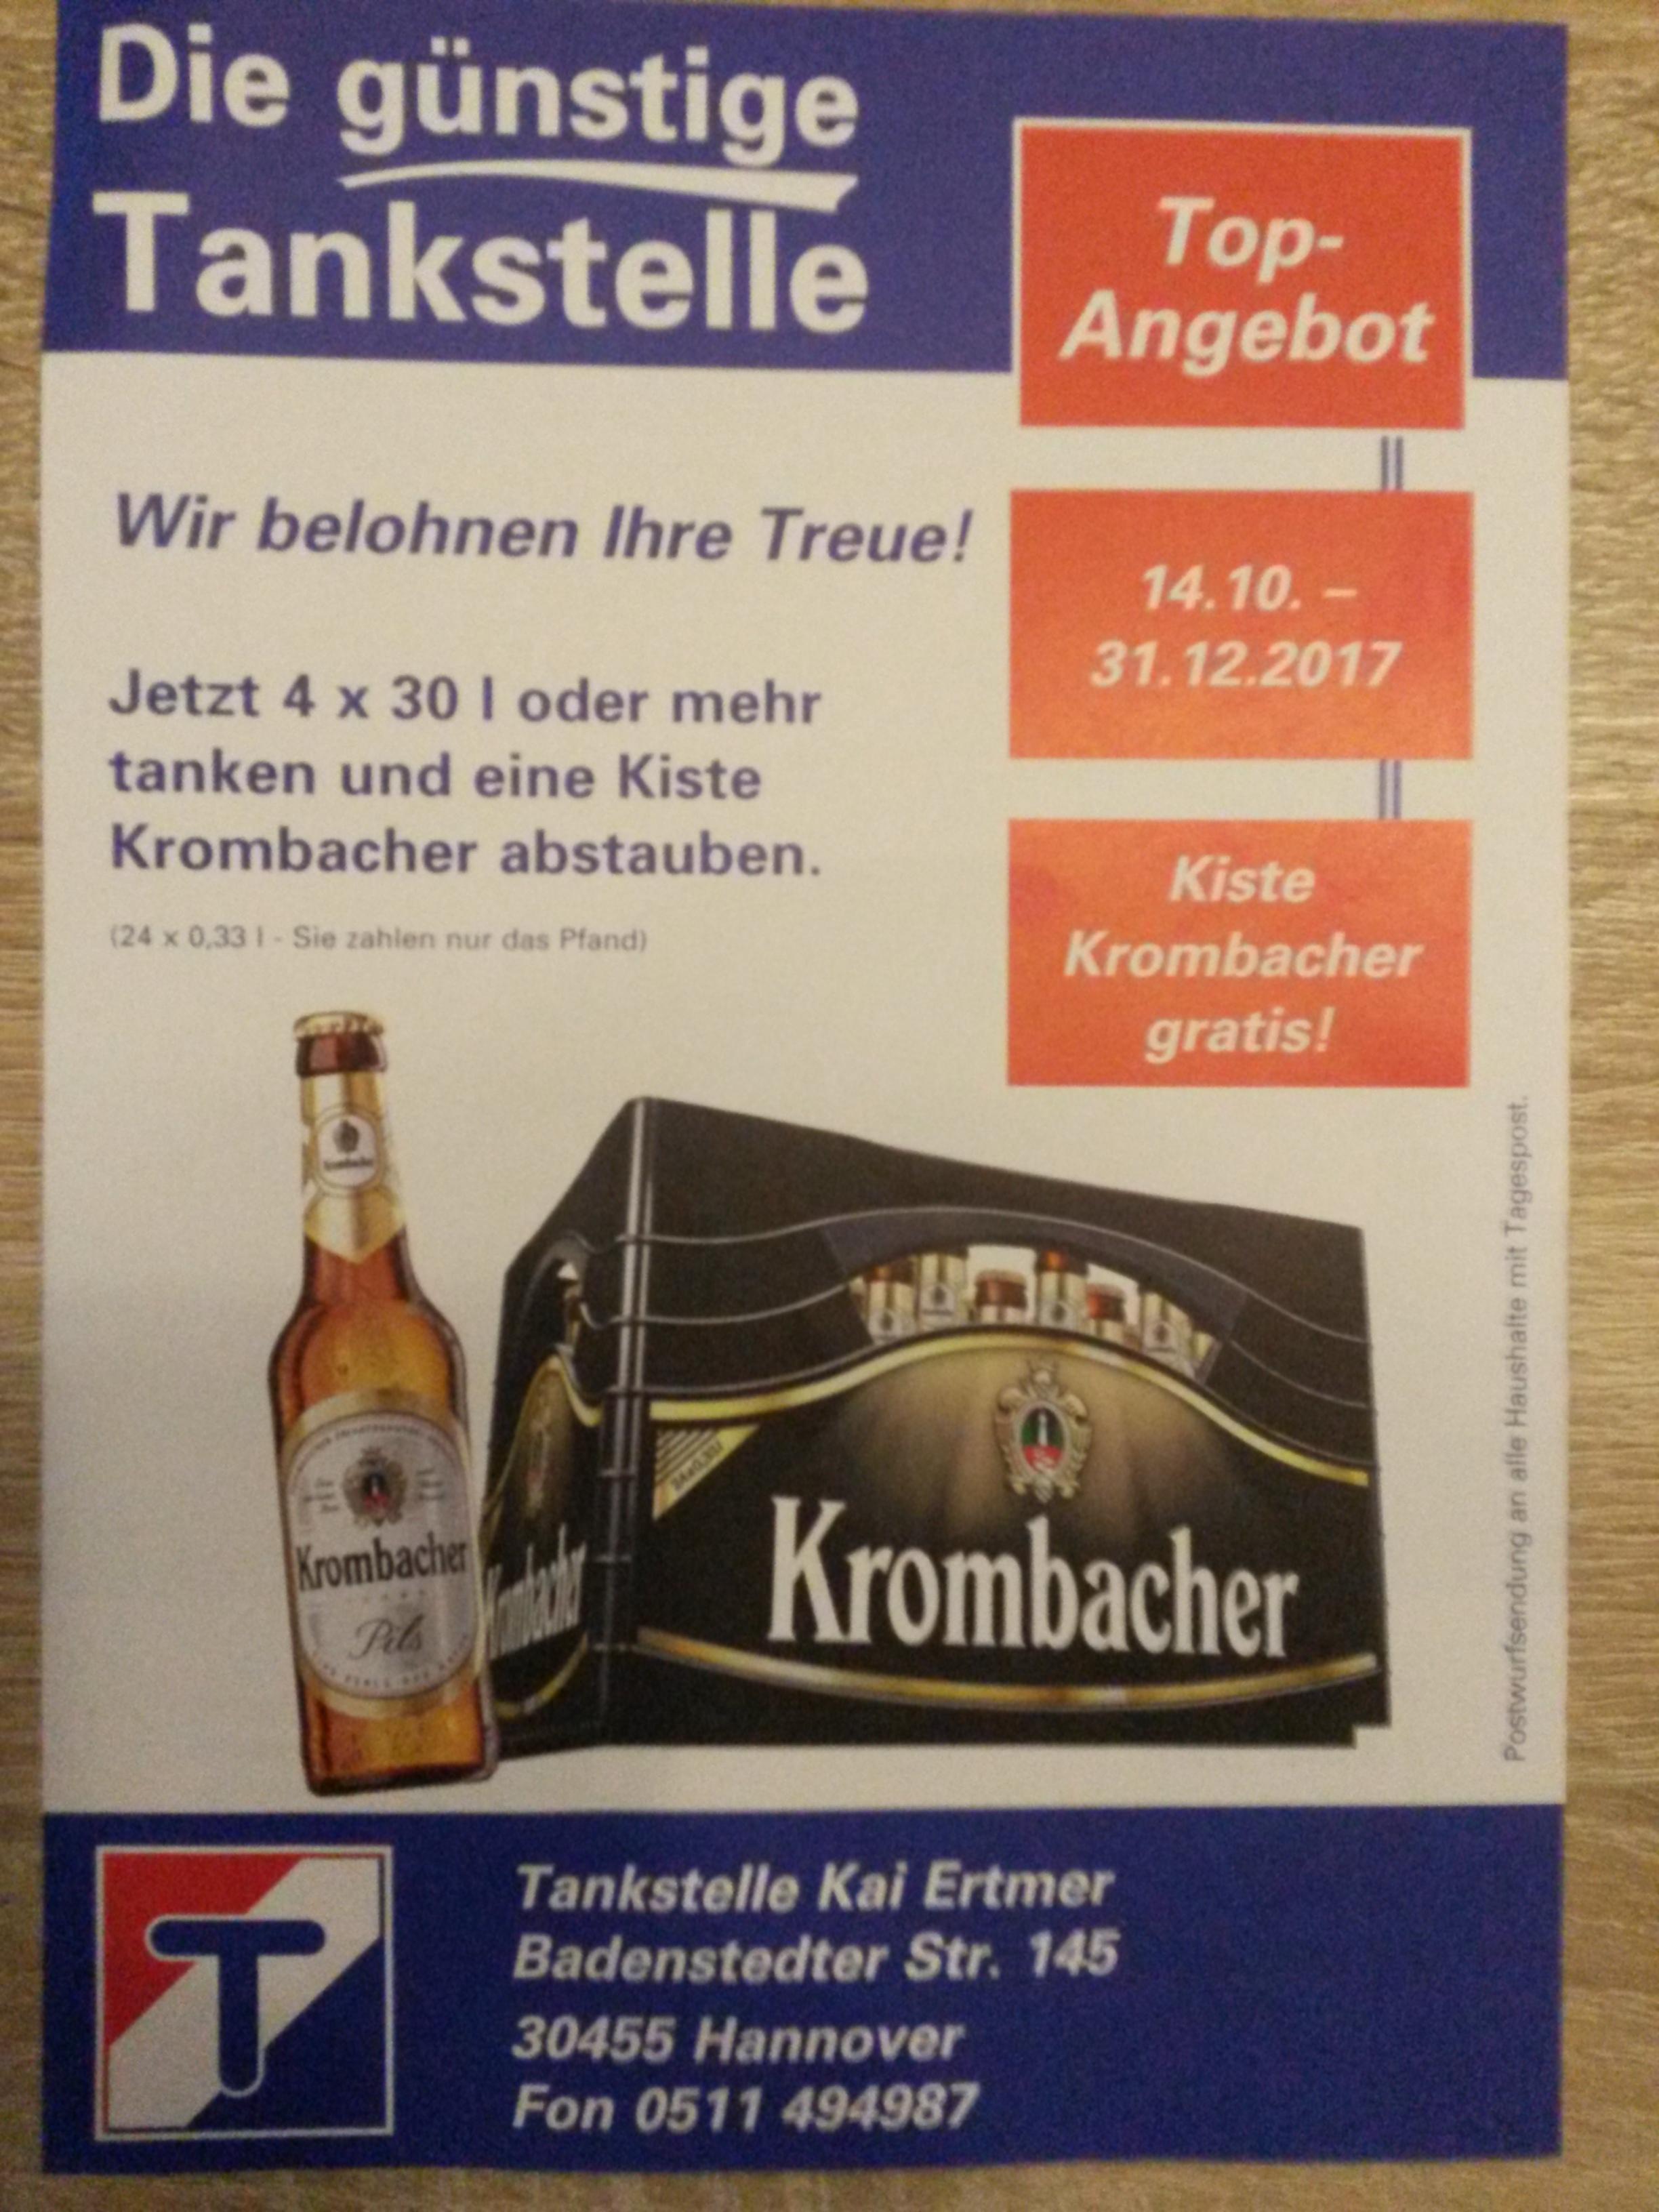 [Lokal Hannover] 4x 30 Liter tanken bei Westfalen Tankstelle (Badenstedter Str. 145) und eine Kiste Krombacher (24x0,33L) gratis erhalten